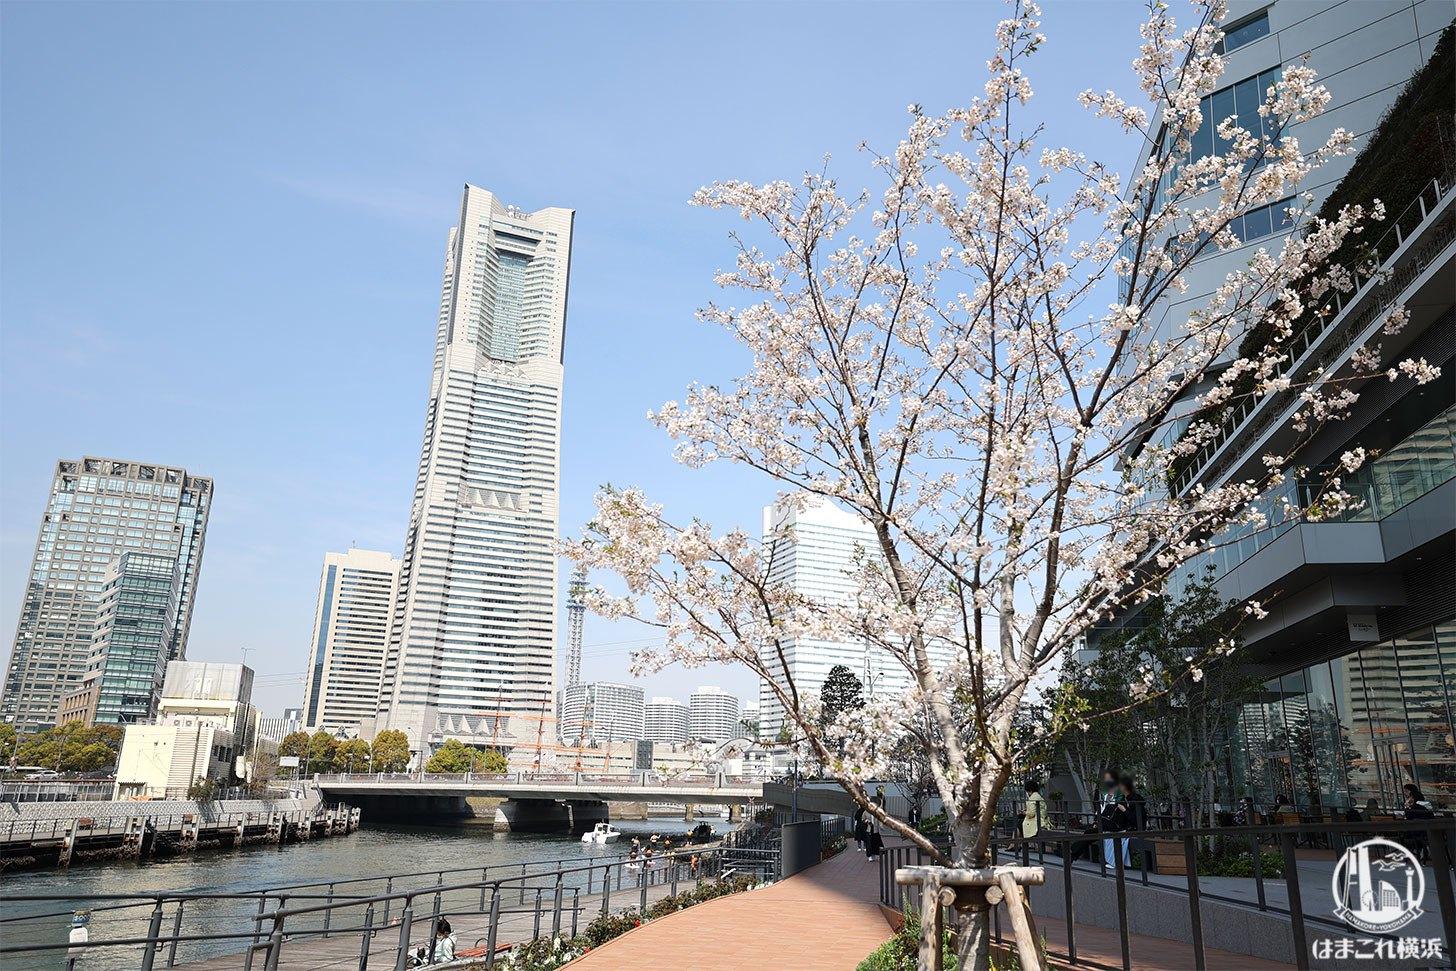 大岡川沿い横浜市庁舎横のデッキから見た横浜ランドマークタワーと桜